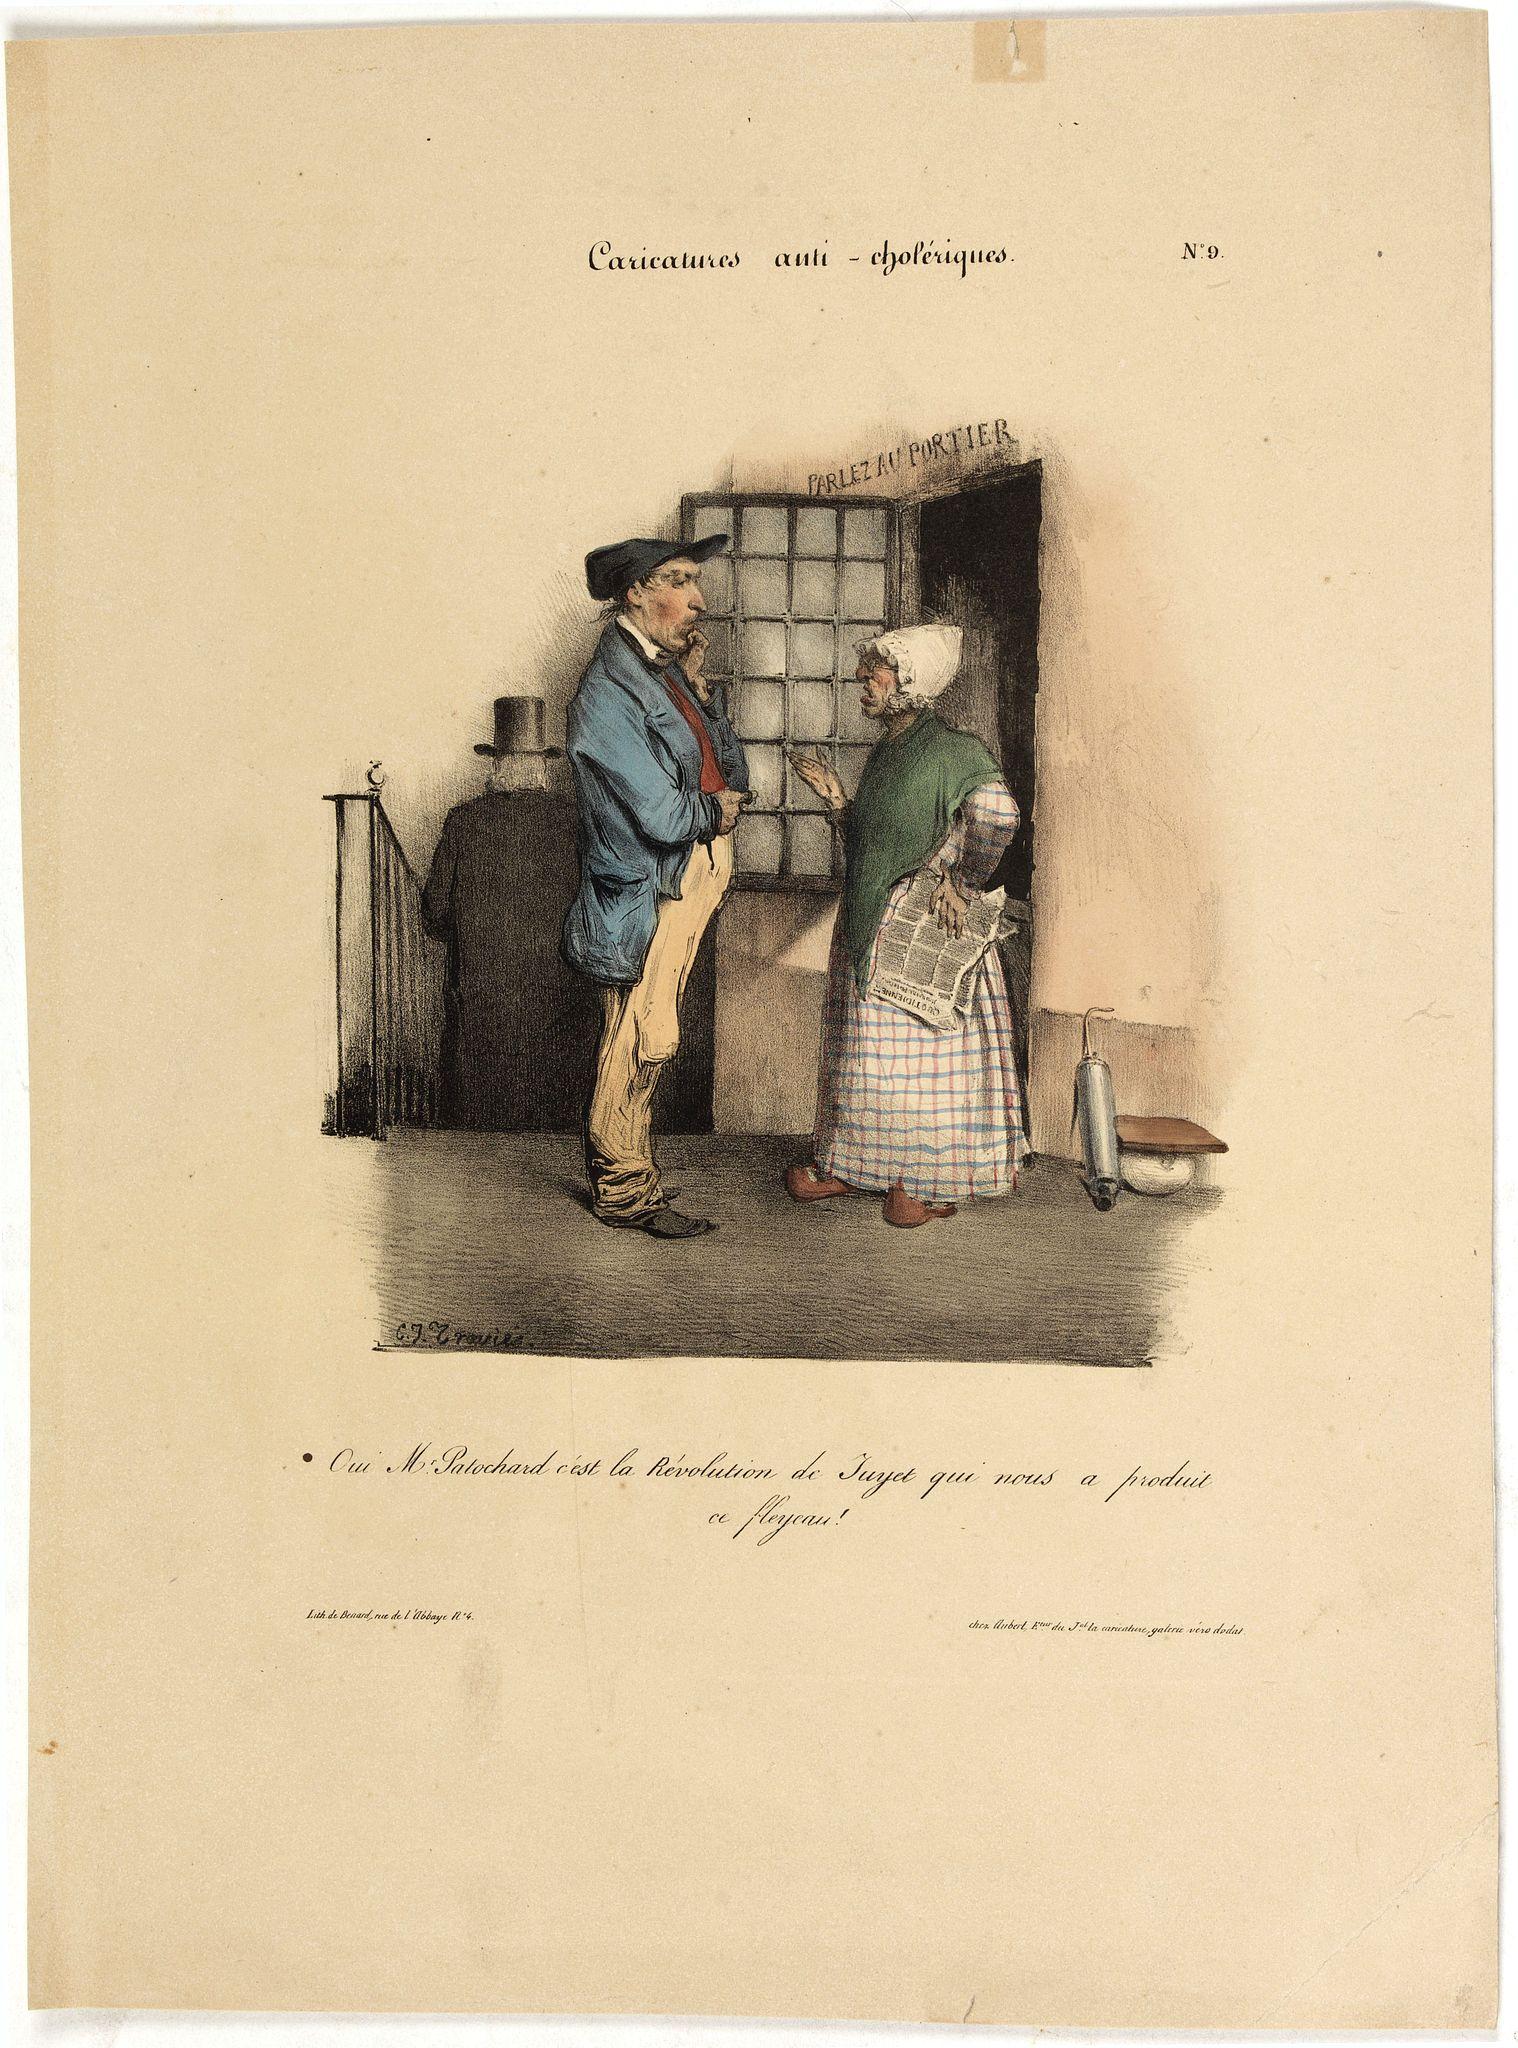 AUBERT, B. -  Caricature anti-cholérique. Oui Mr Patochard c'est la Révolution de Juyet qui nous a produit ce fleyeau!. (pl 9)